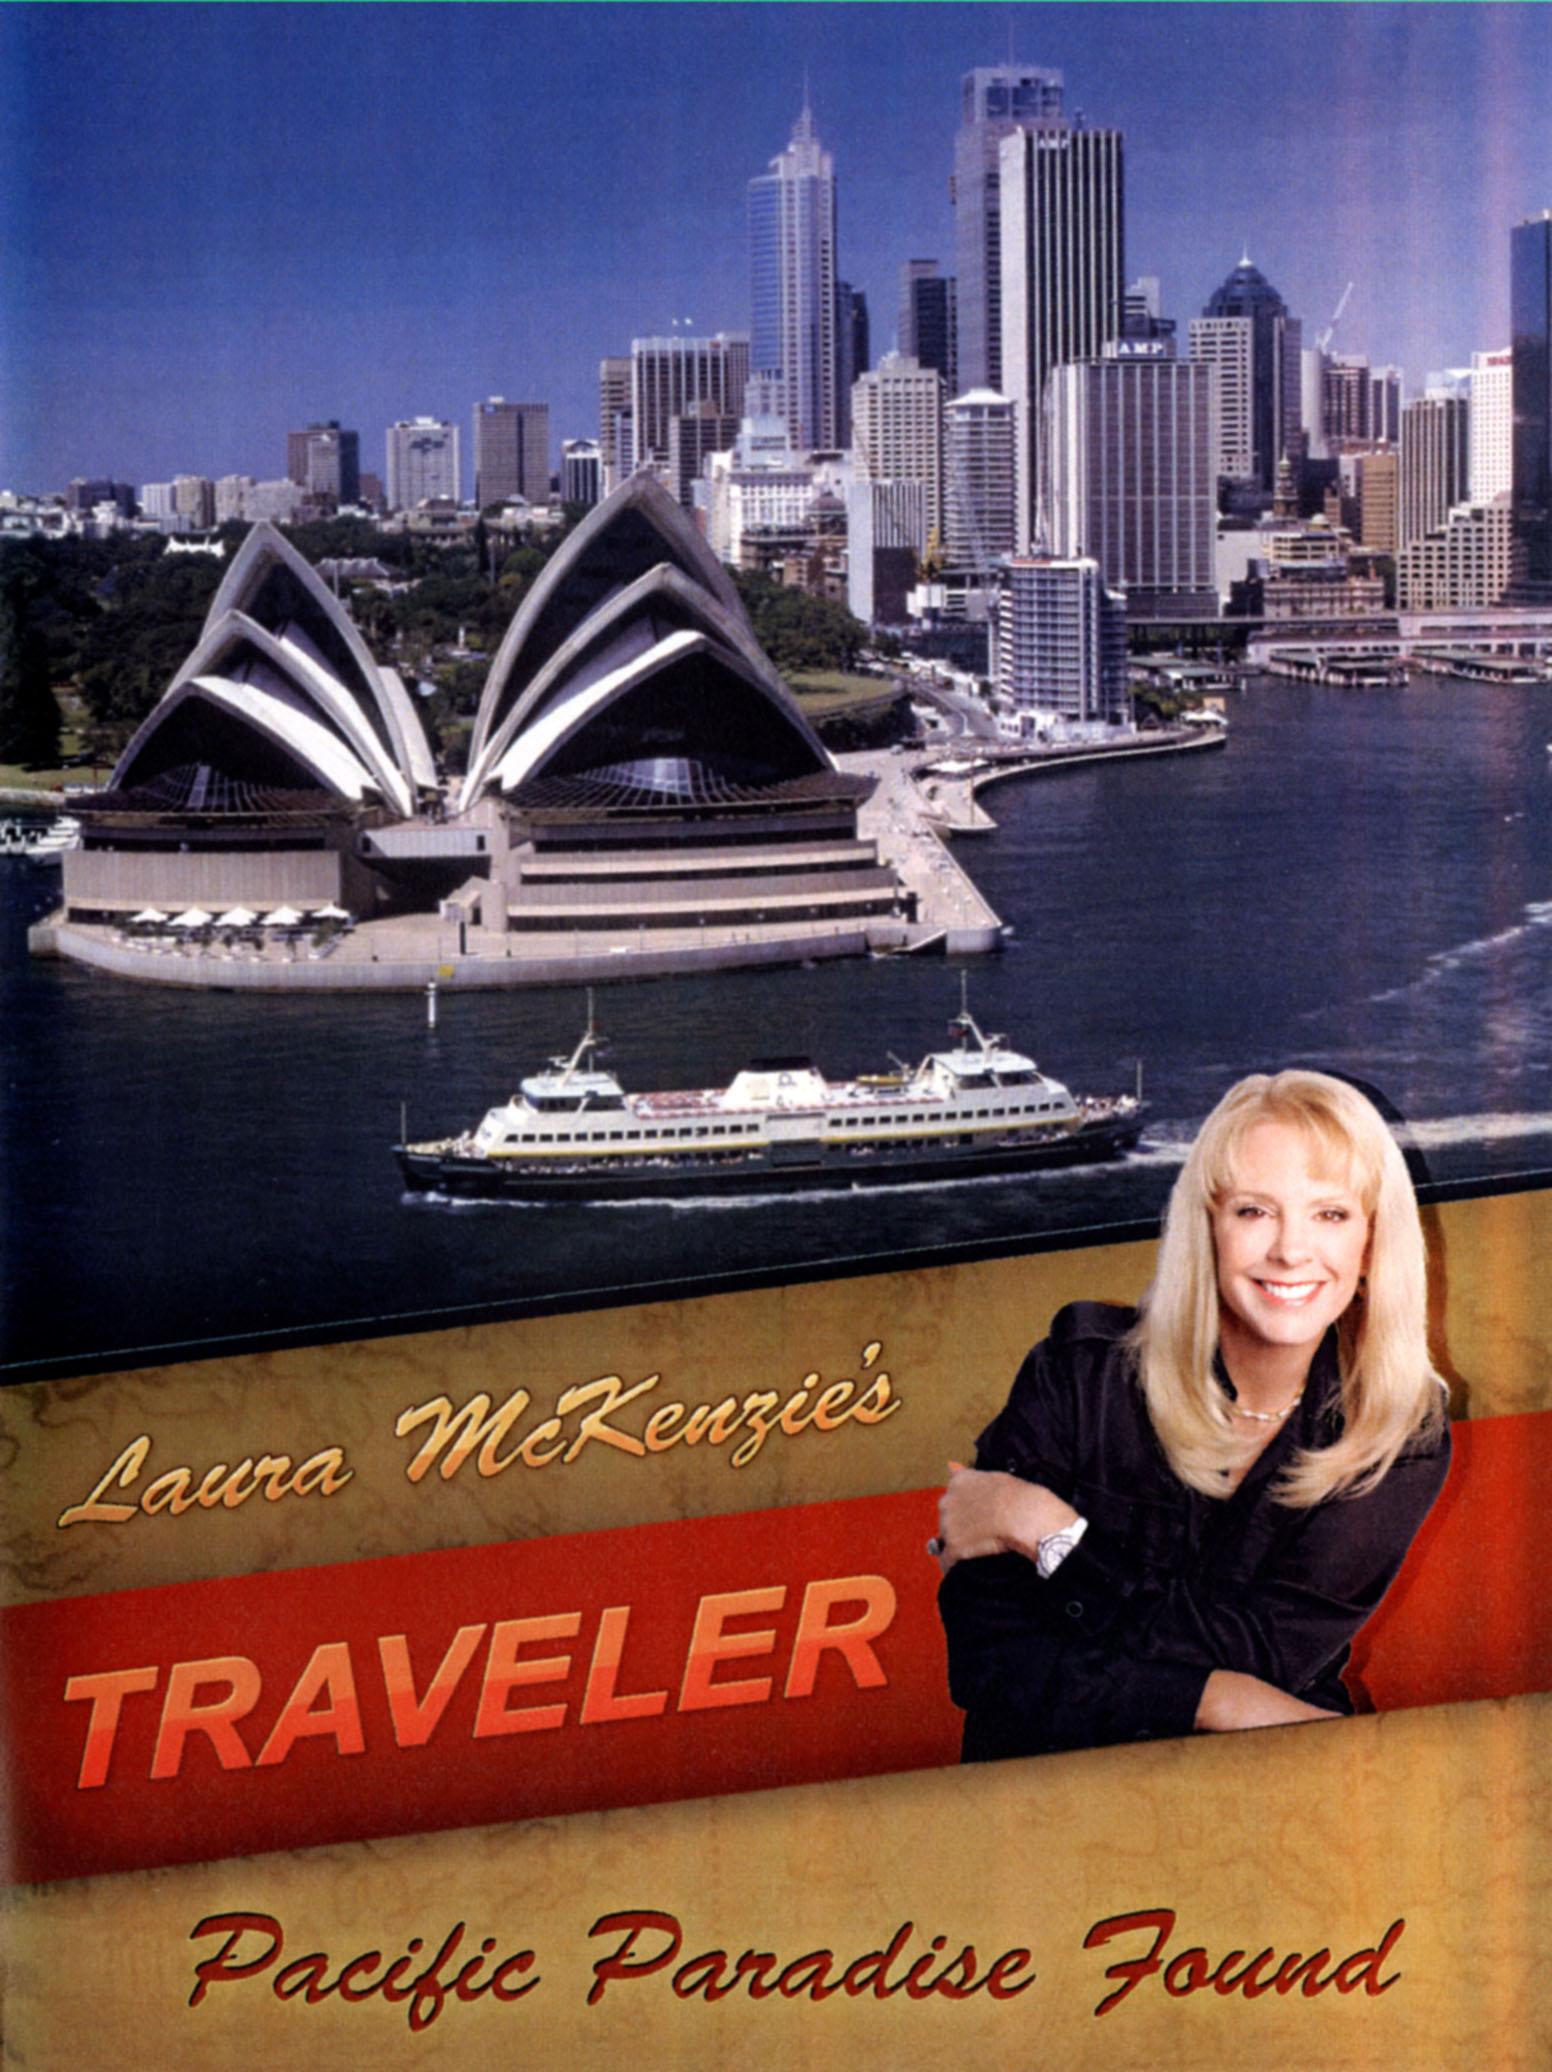 Laura McKenzie's Traveler: Pacific Paradise Found